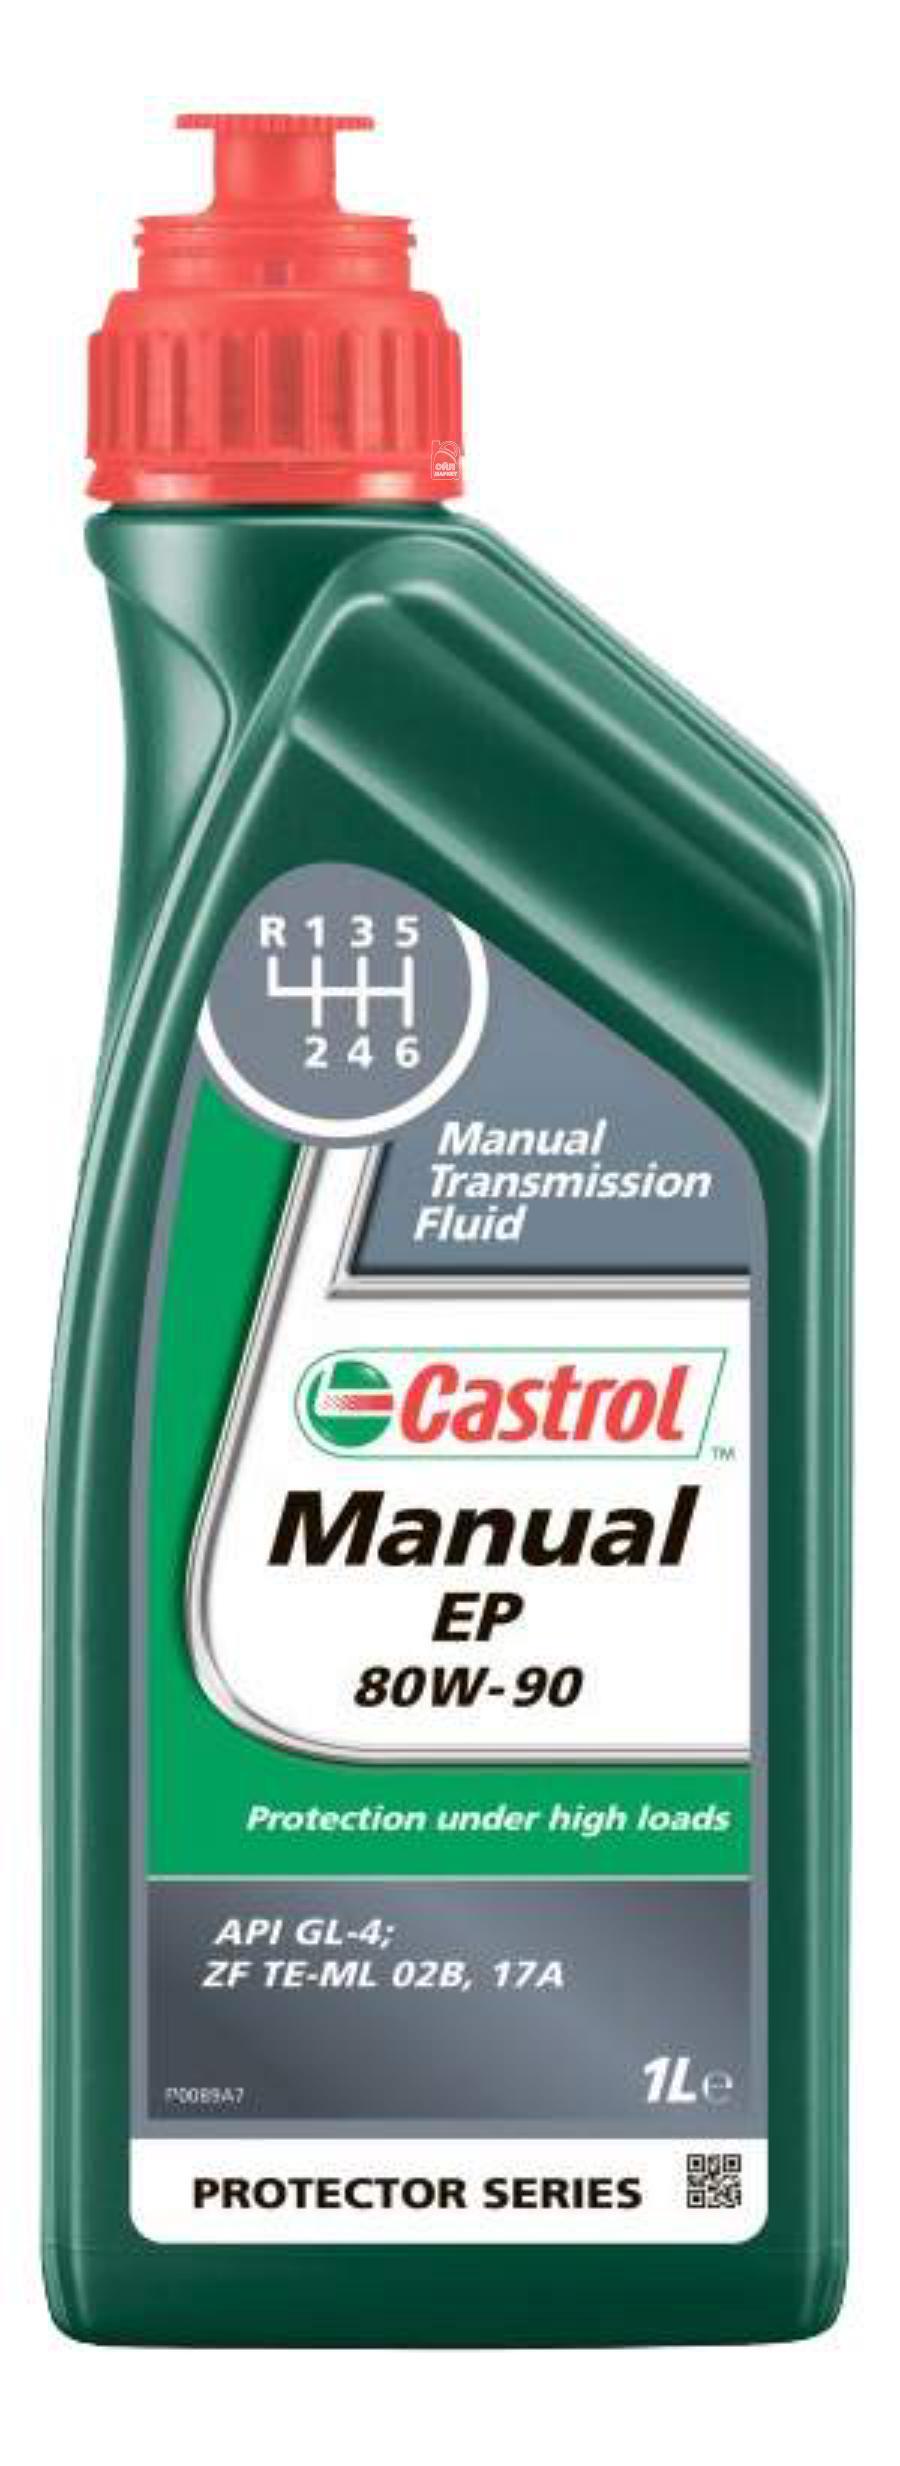 Масло трансмиссионное минеральное Manual EP 80W-90, 1л